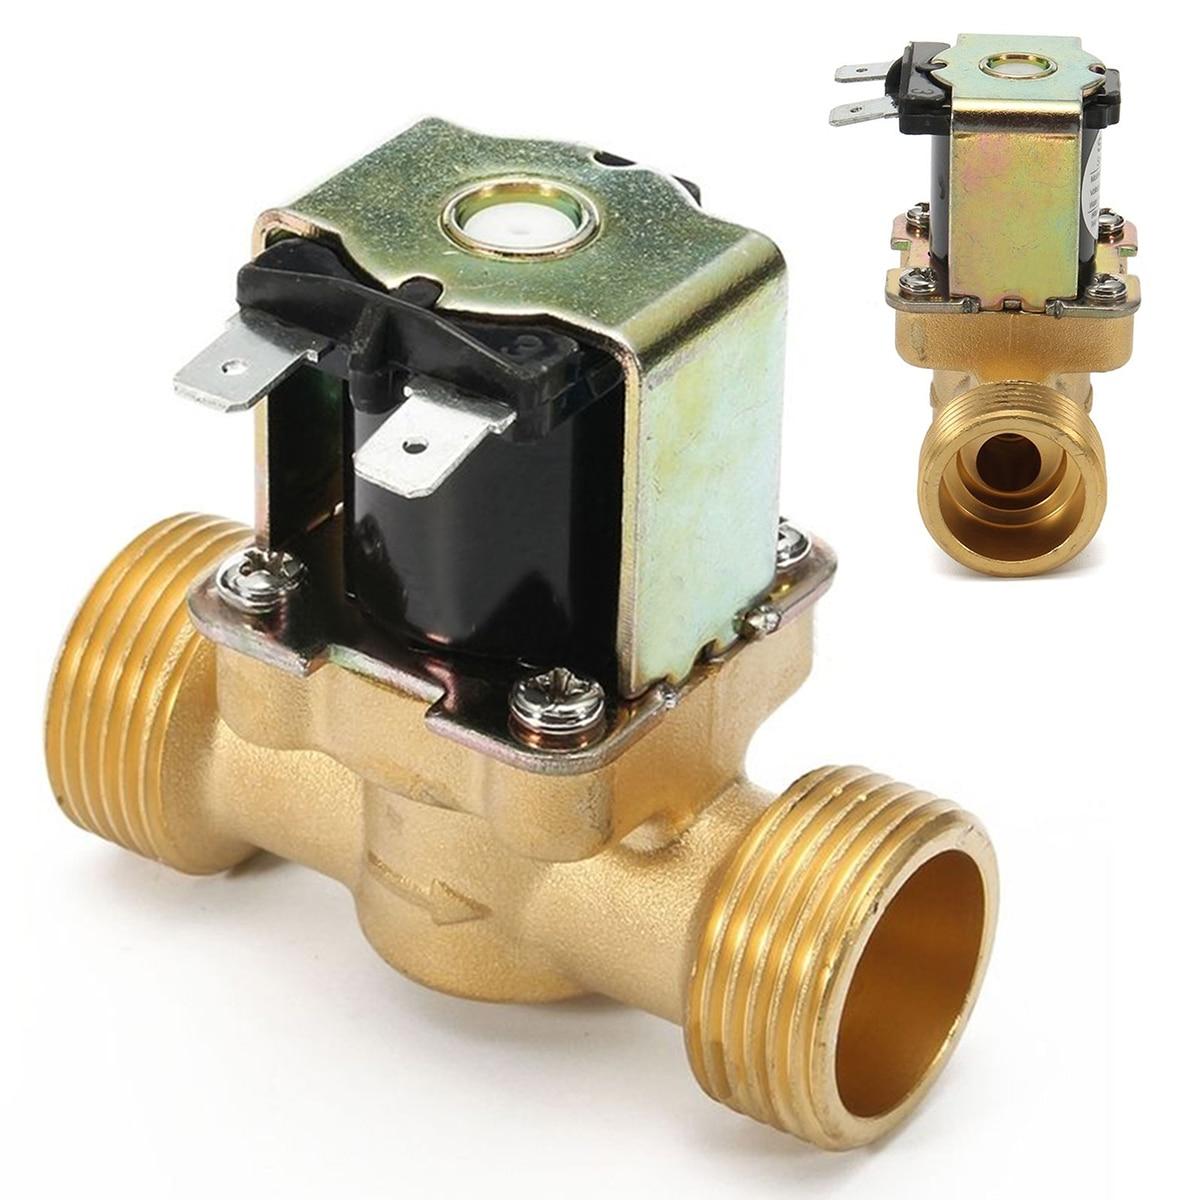 DSHA Neue 3/4 ZOLL NPSM 12 v DC Schlank Messing Elektrische Magnetventil Gas Wasser Luft In Der Regel Geschlossen 2 Weg 2 Position Membran Val